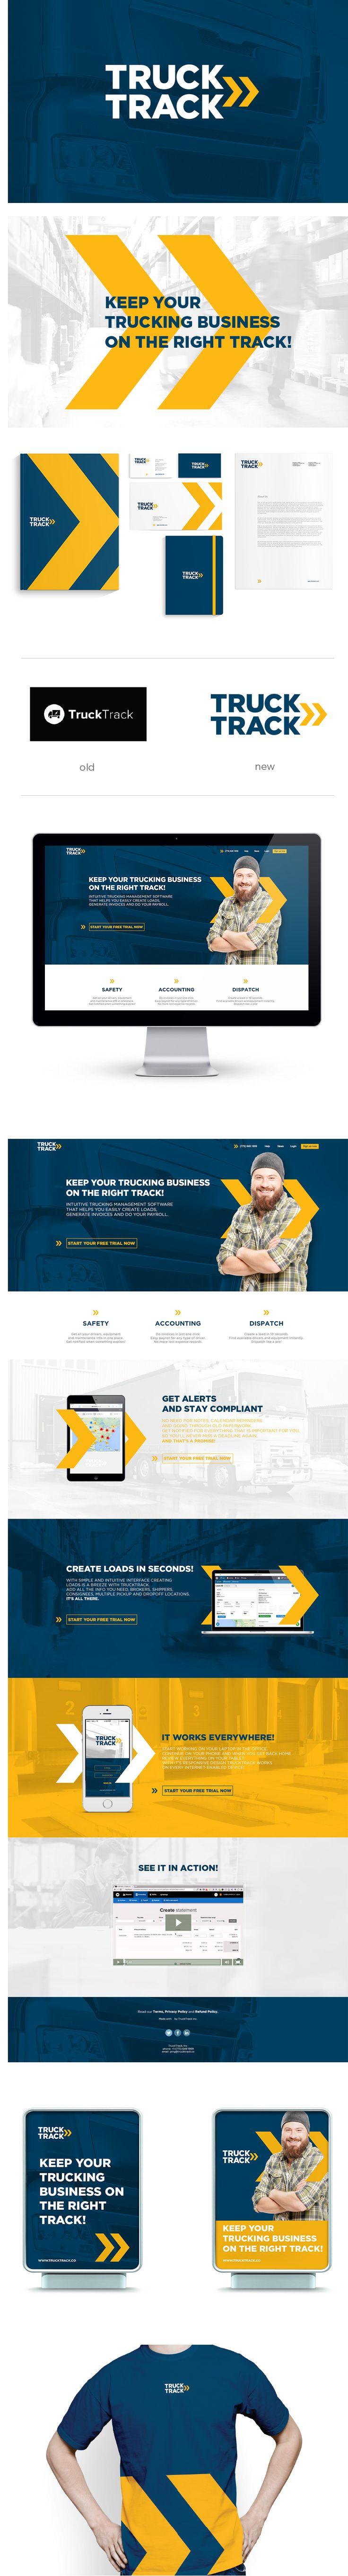 Truck Track rebranding on Behance                                                                                                                                                                                 More